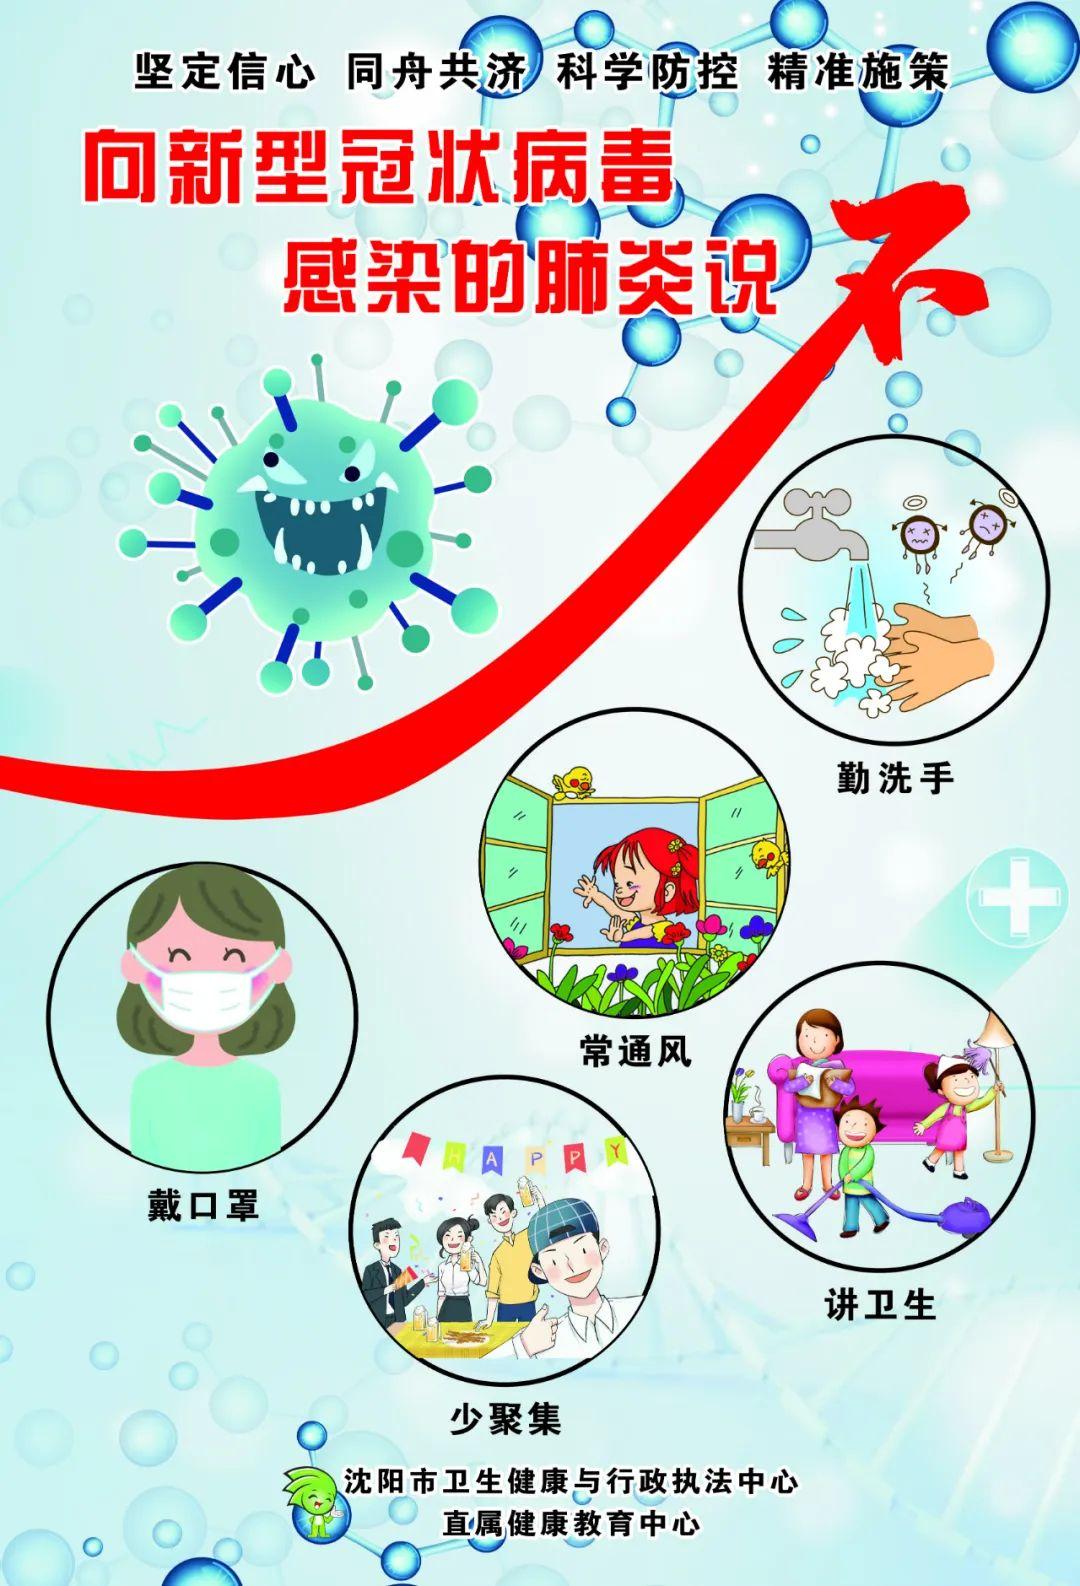 【杏悦】宣传图片|新冠肺炎杏悦健康教育科普图片